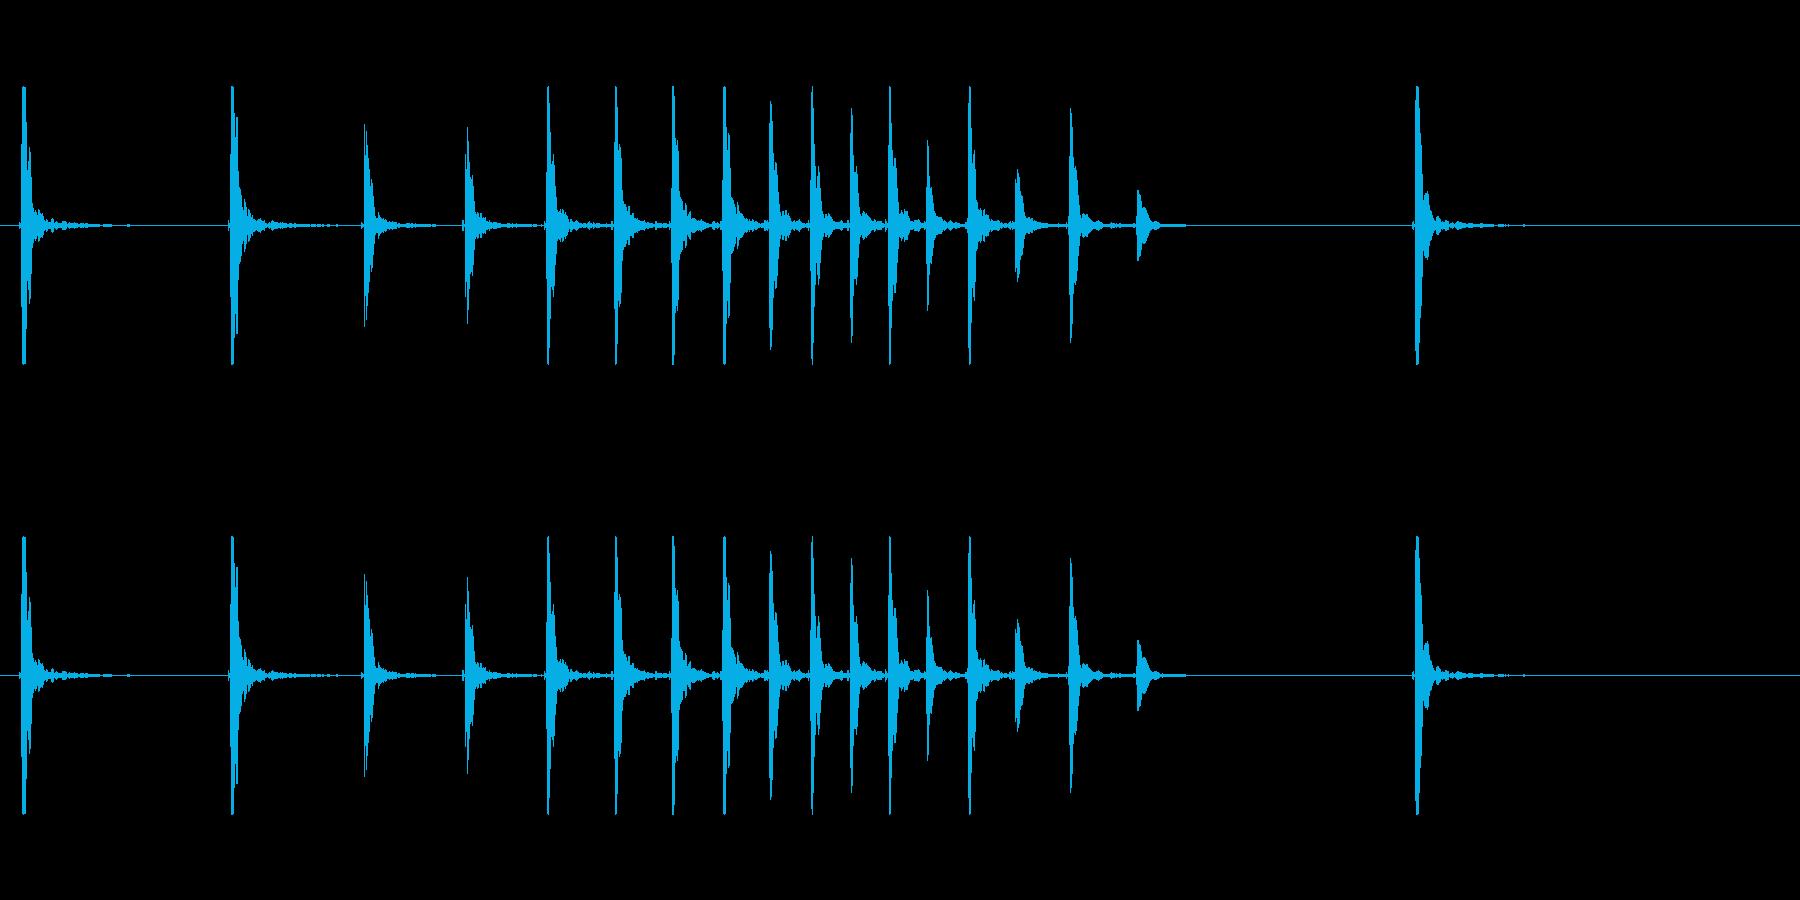 鼓3ポポポポポポン和風歌舞伎イヨーポン伝の再生済みの波形